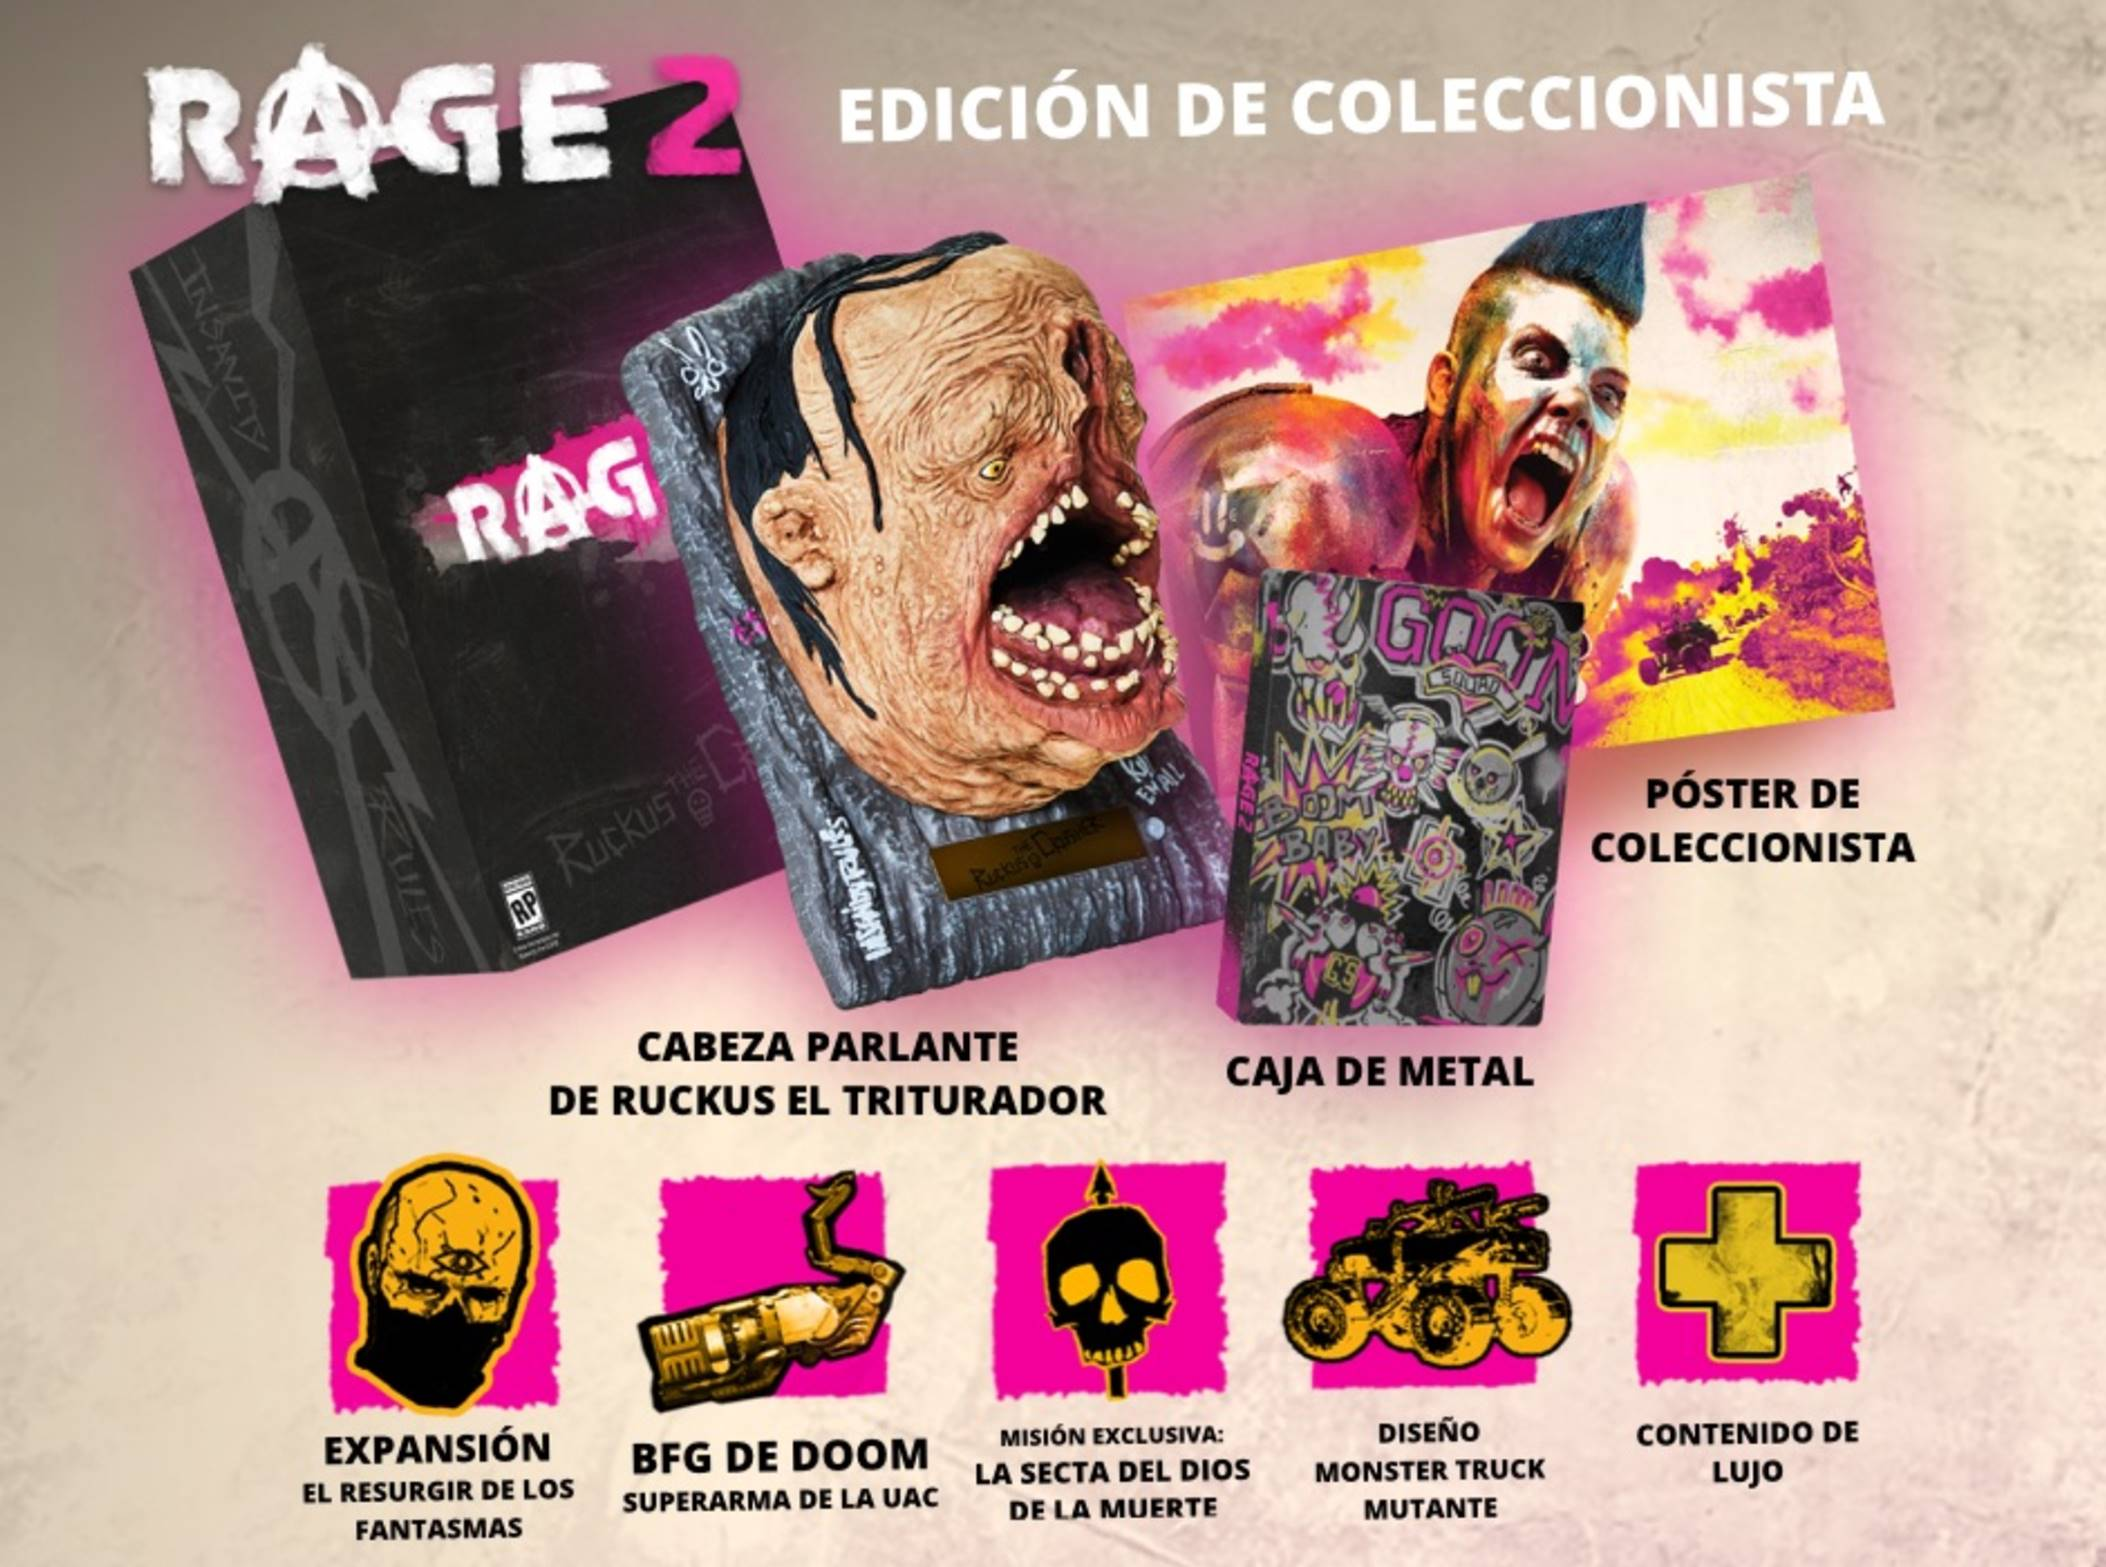 RAGE 2 Edicion Coleccionista